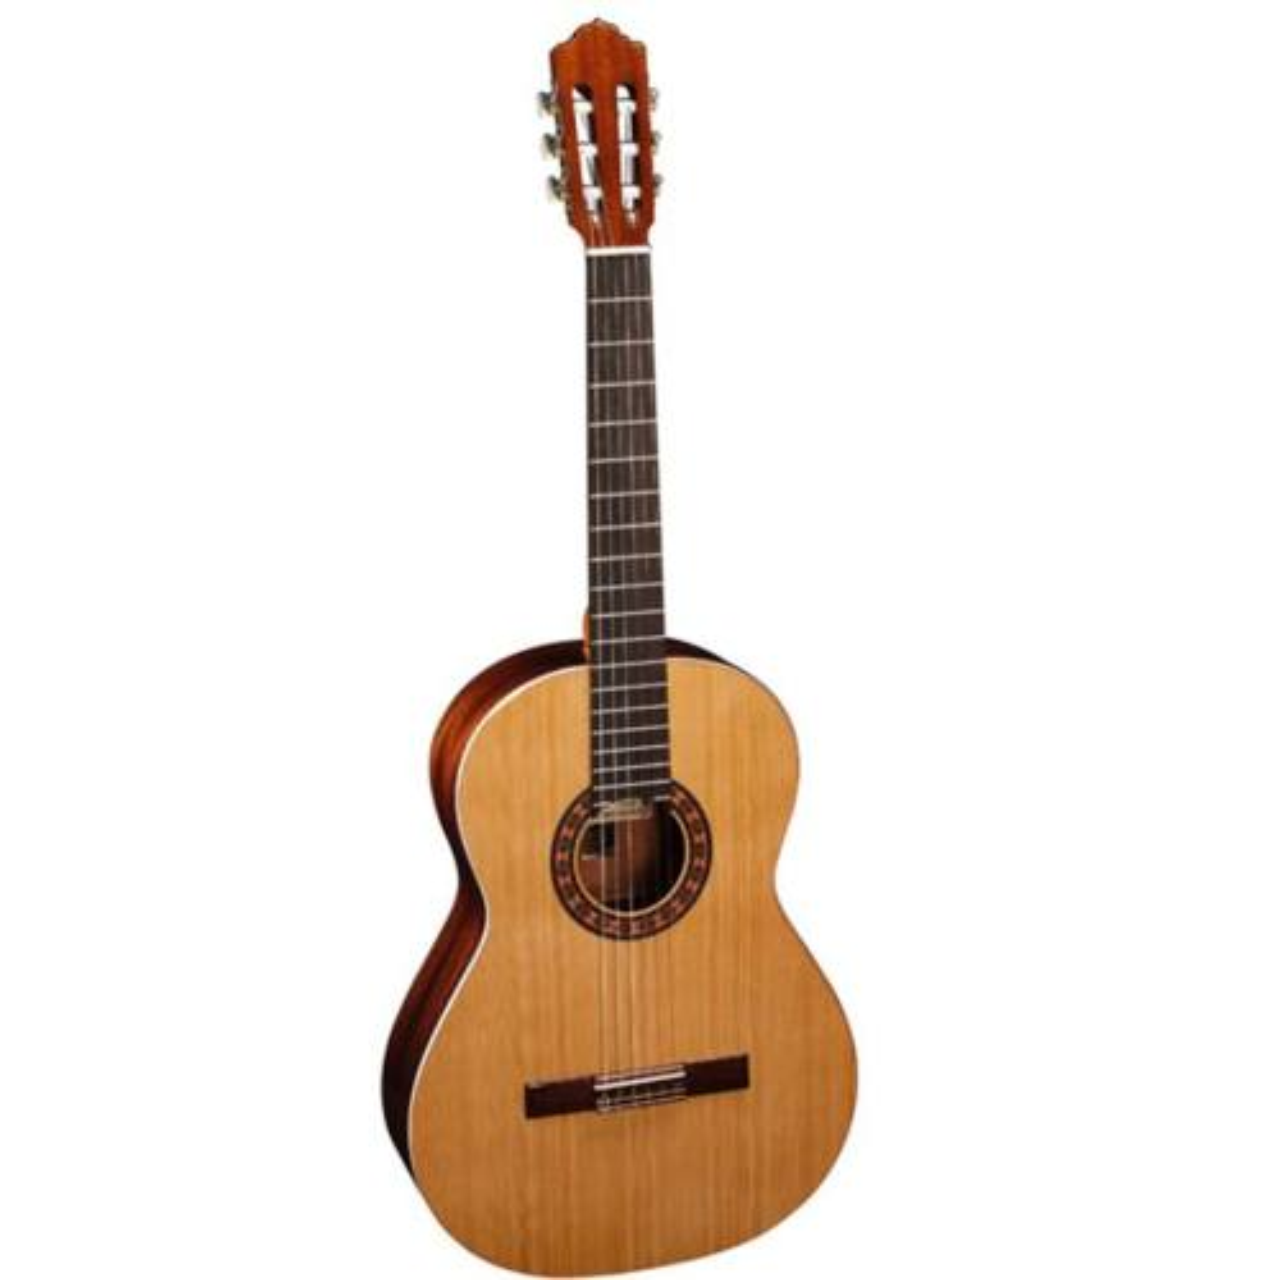 گیتار کلاسیک آلمانزا مدل Cedro 401